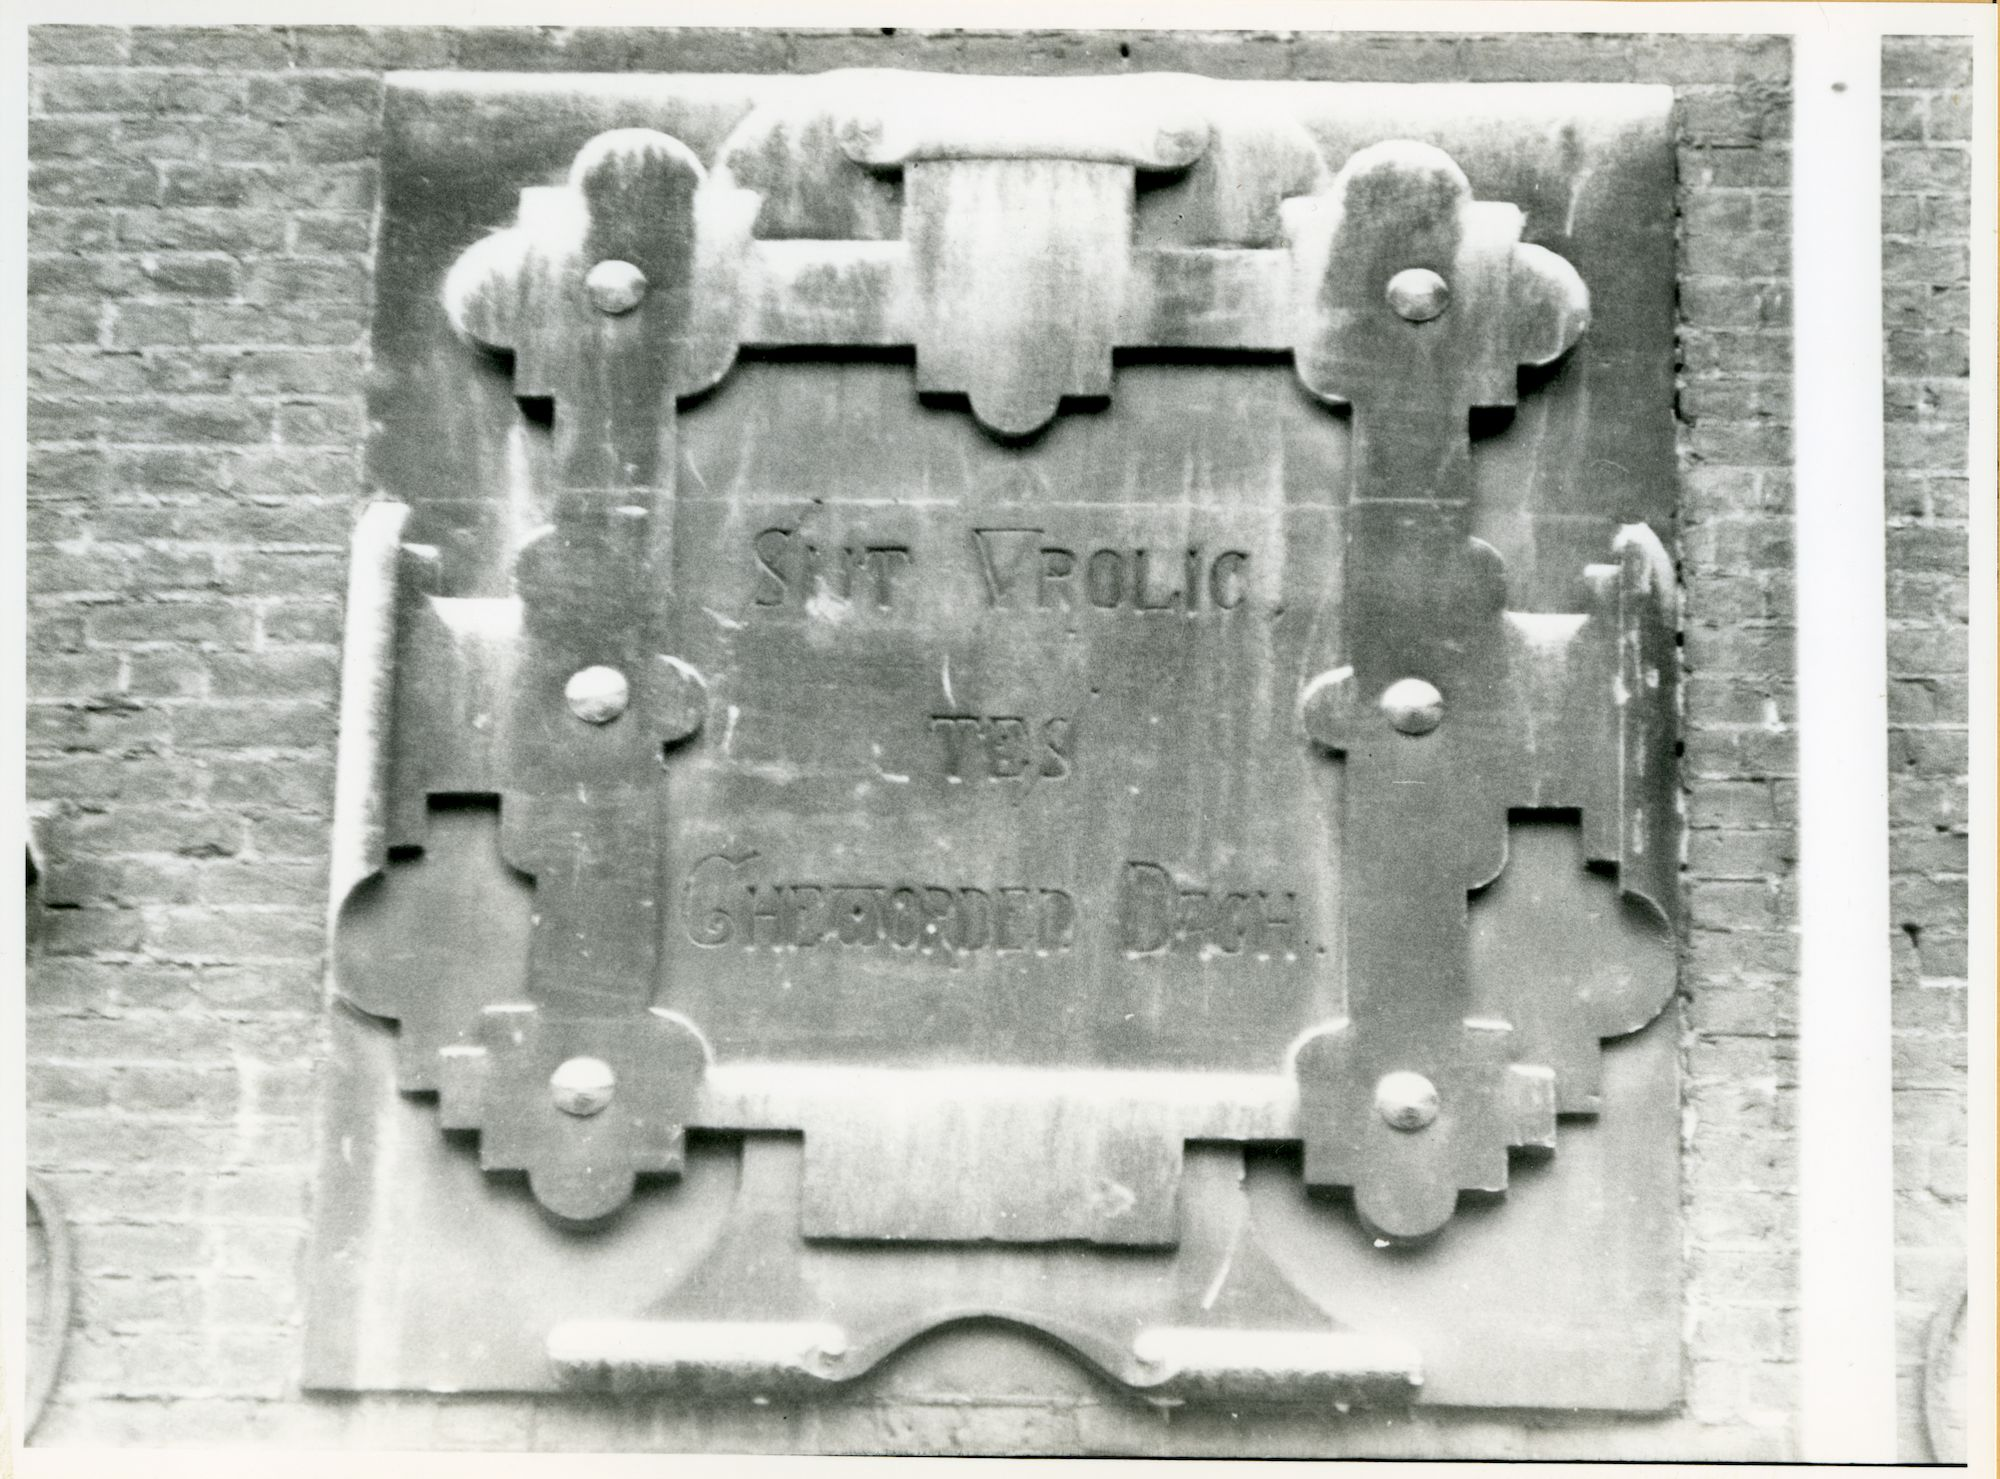 Gent: Snoekstraat 114: Gevelsteen, 1979